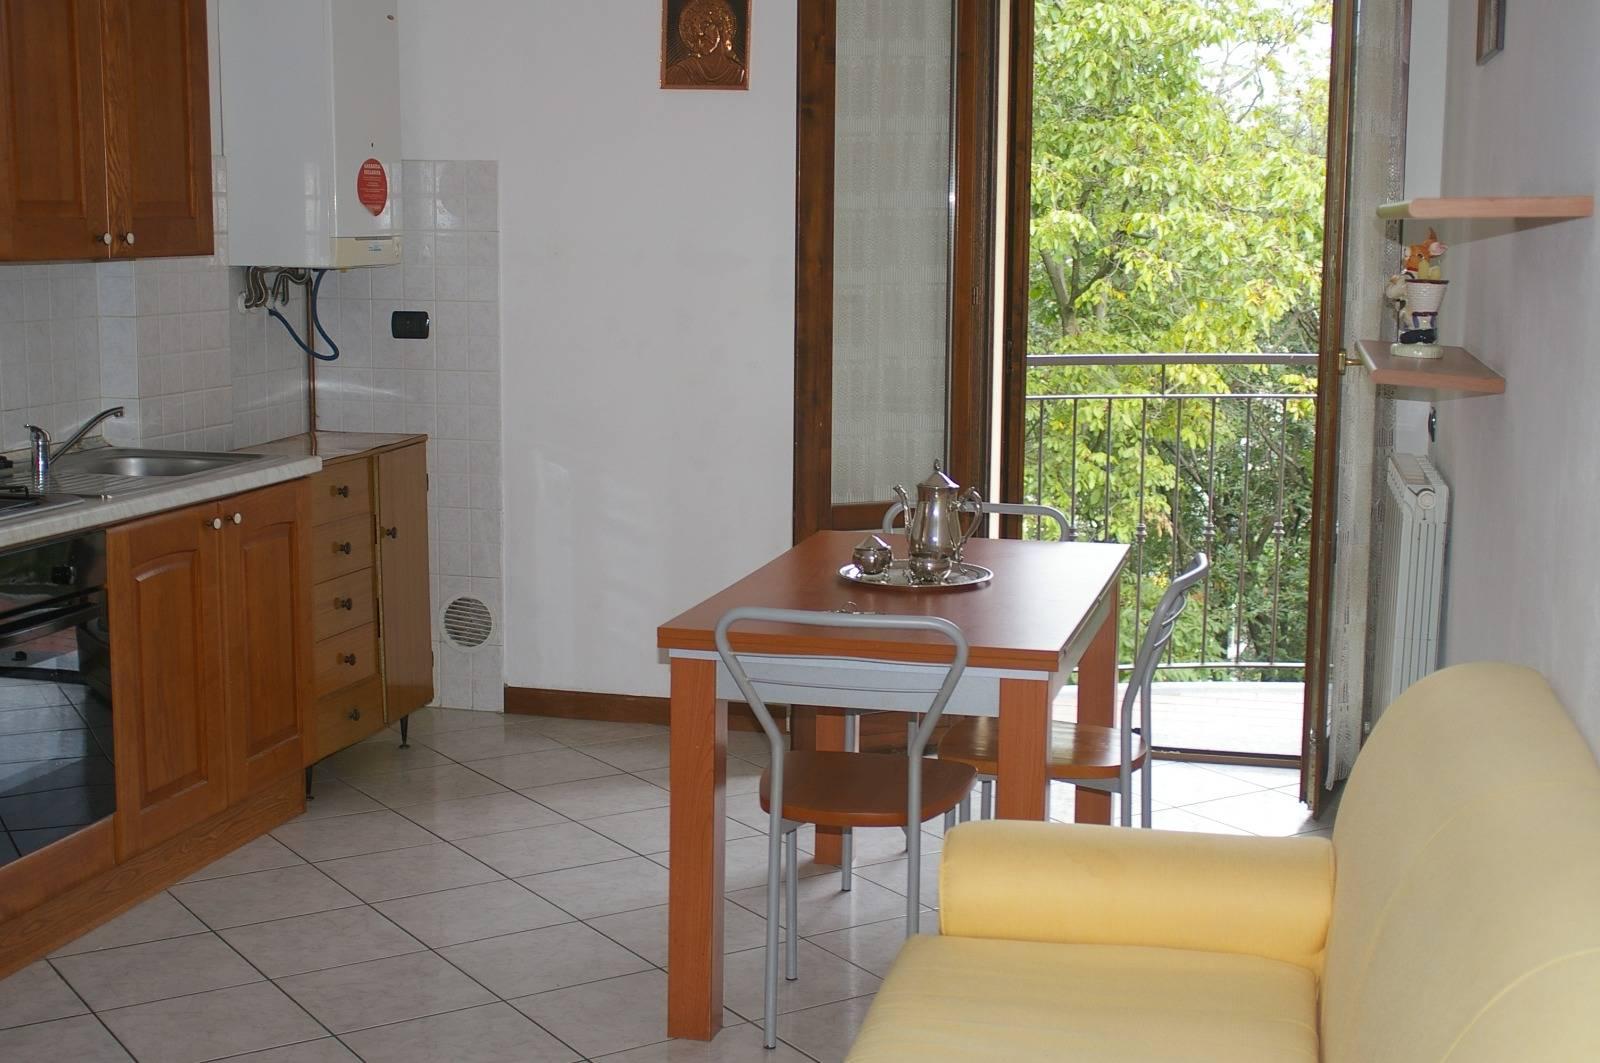 Appartamento in affitto a Calco, 2 locali, prezzo € 85.000 | CambioCasa.it